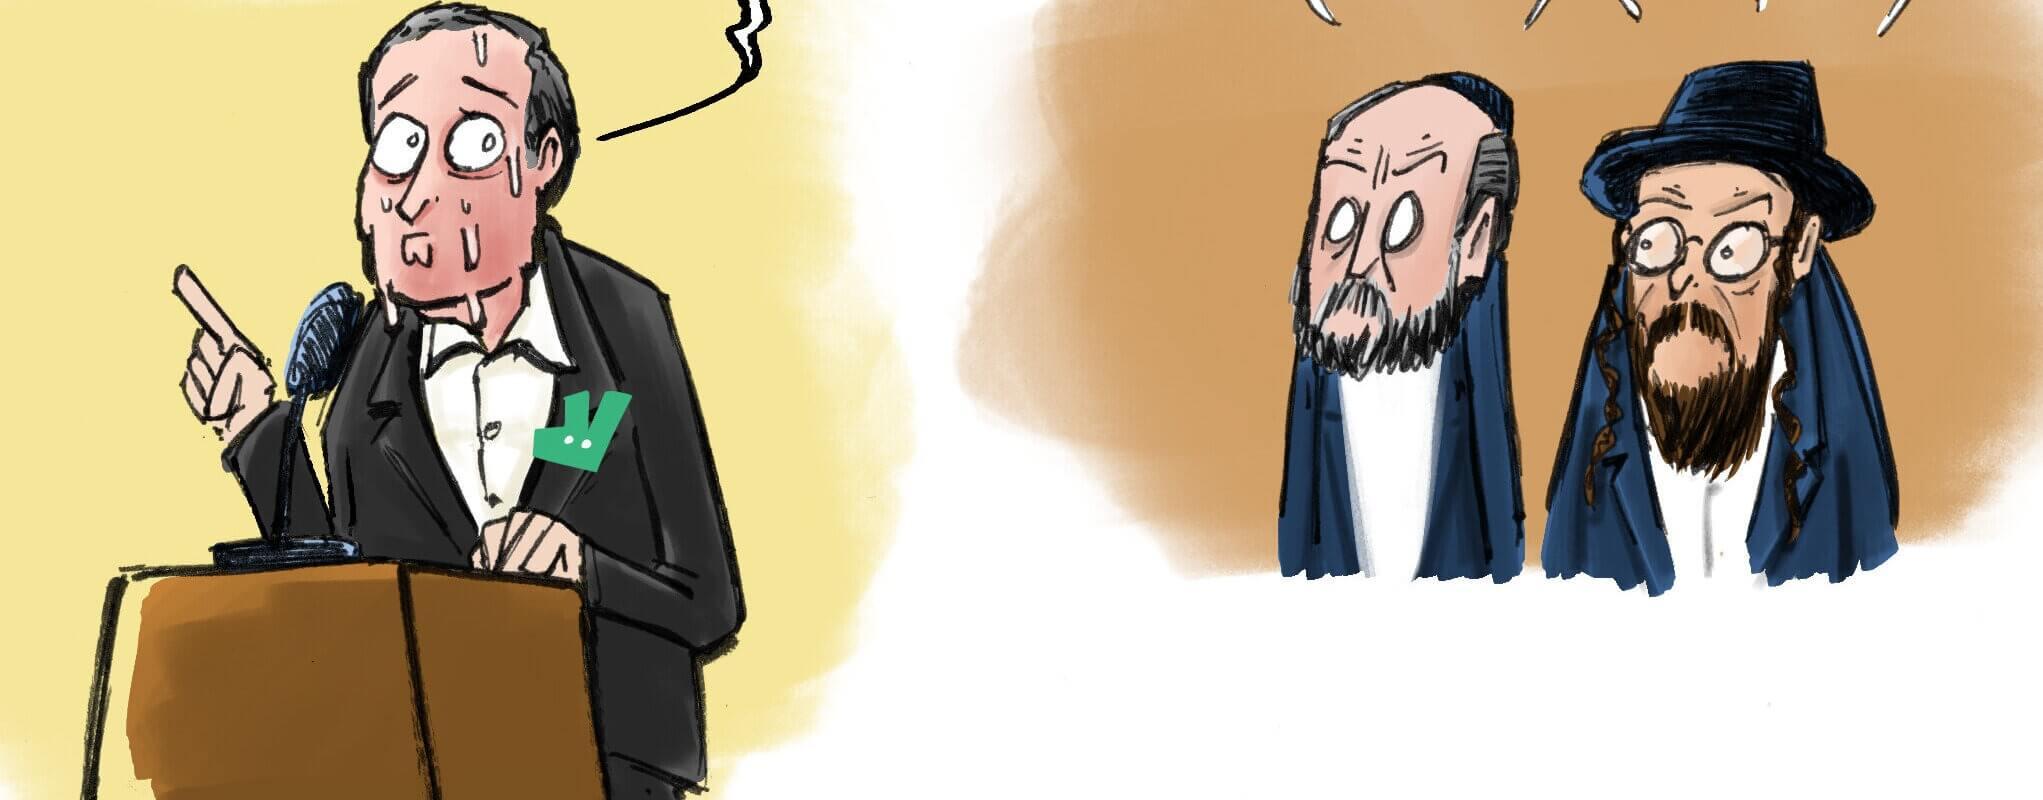 Antisémitisme : Deliveroo dans la sauce